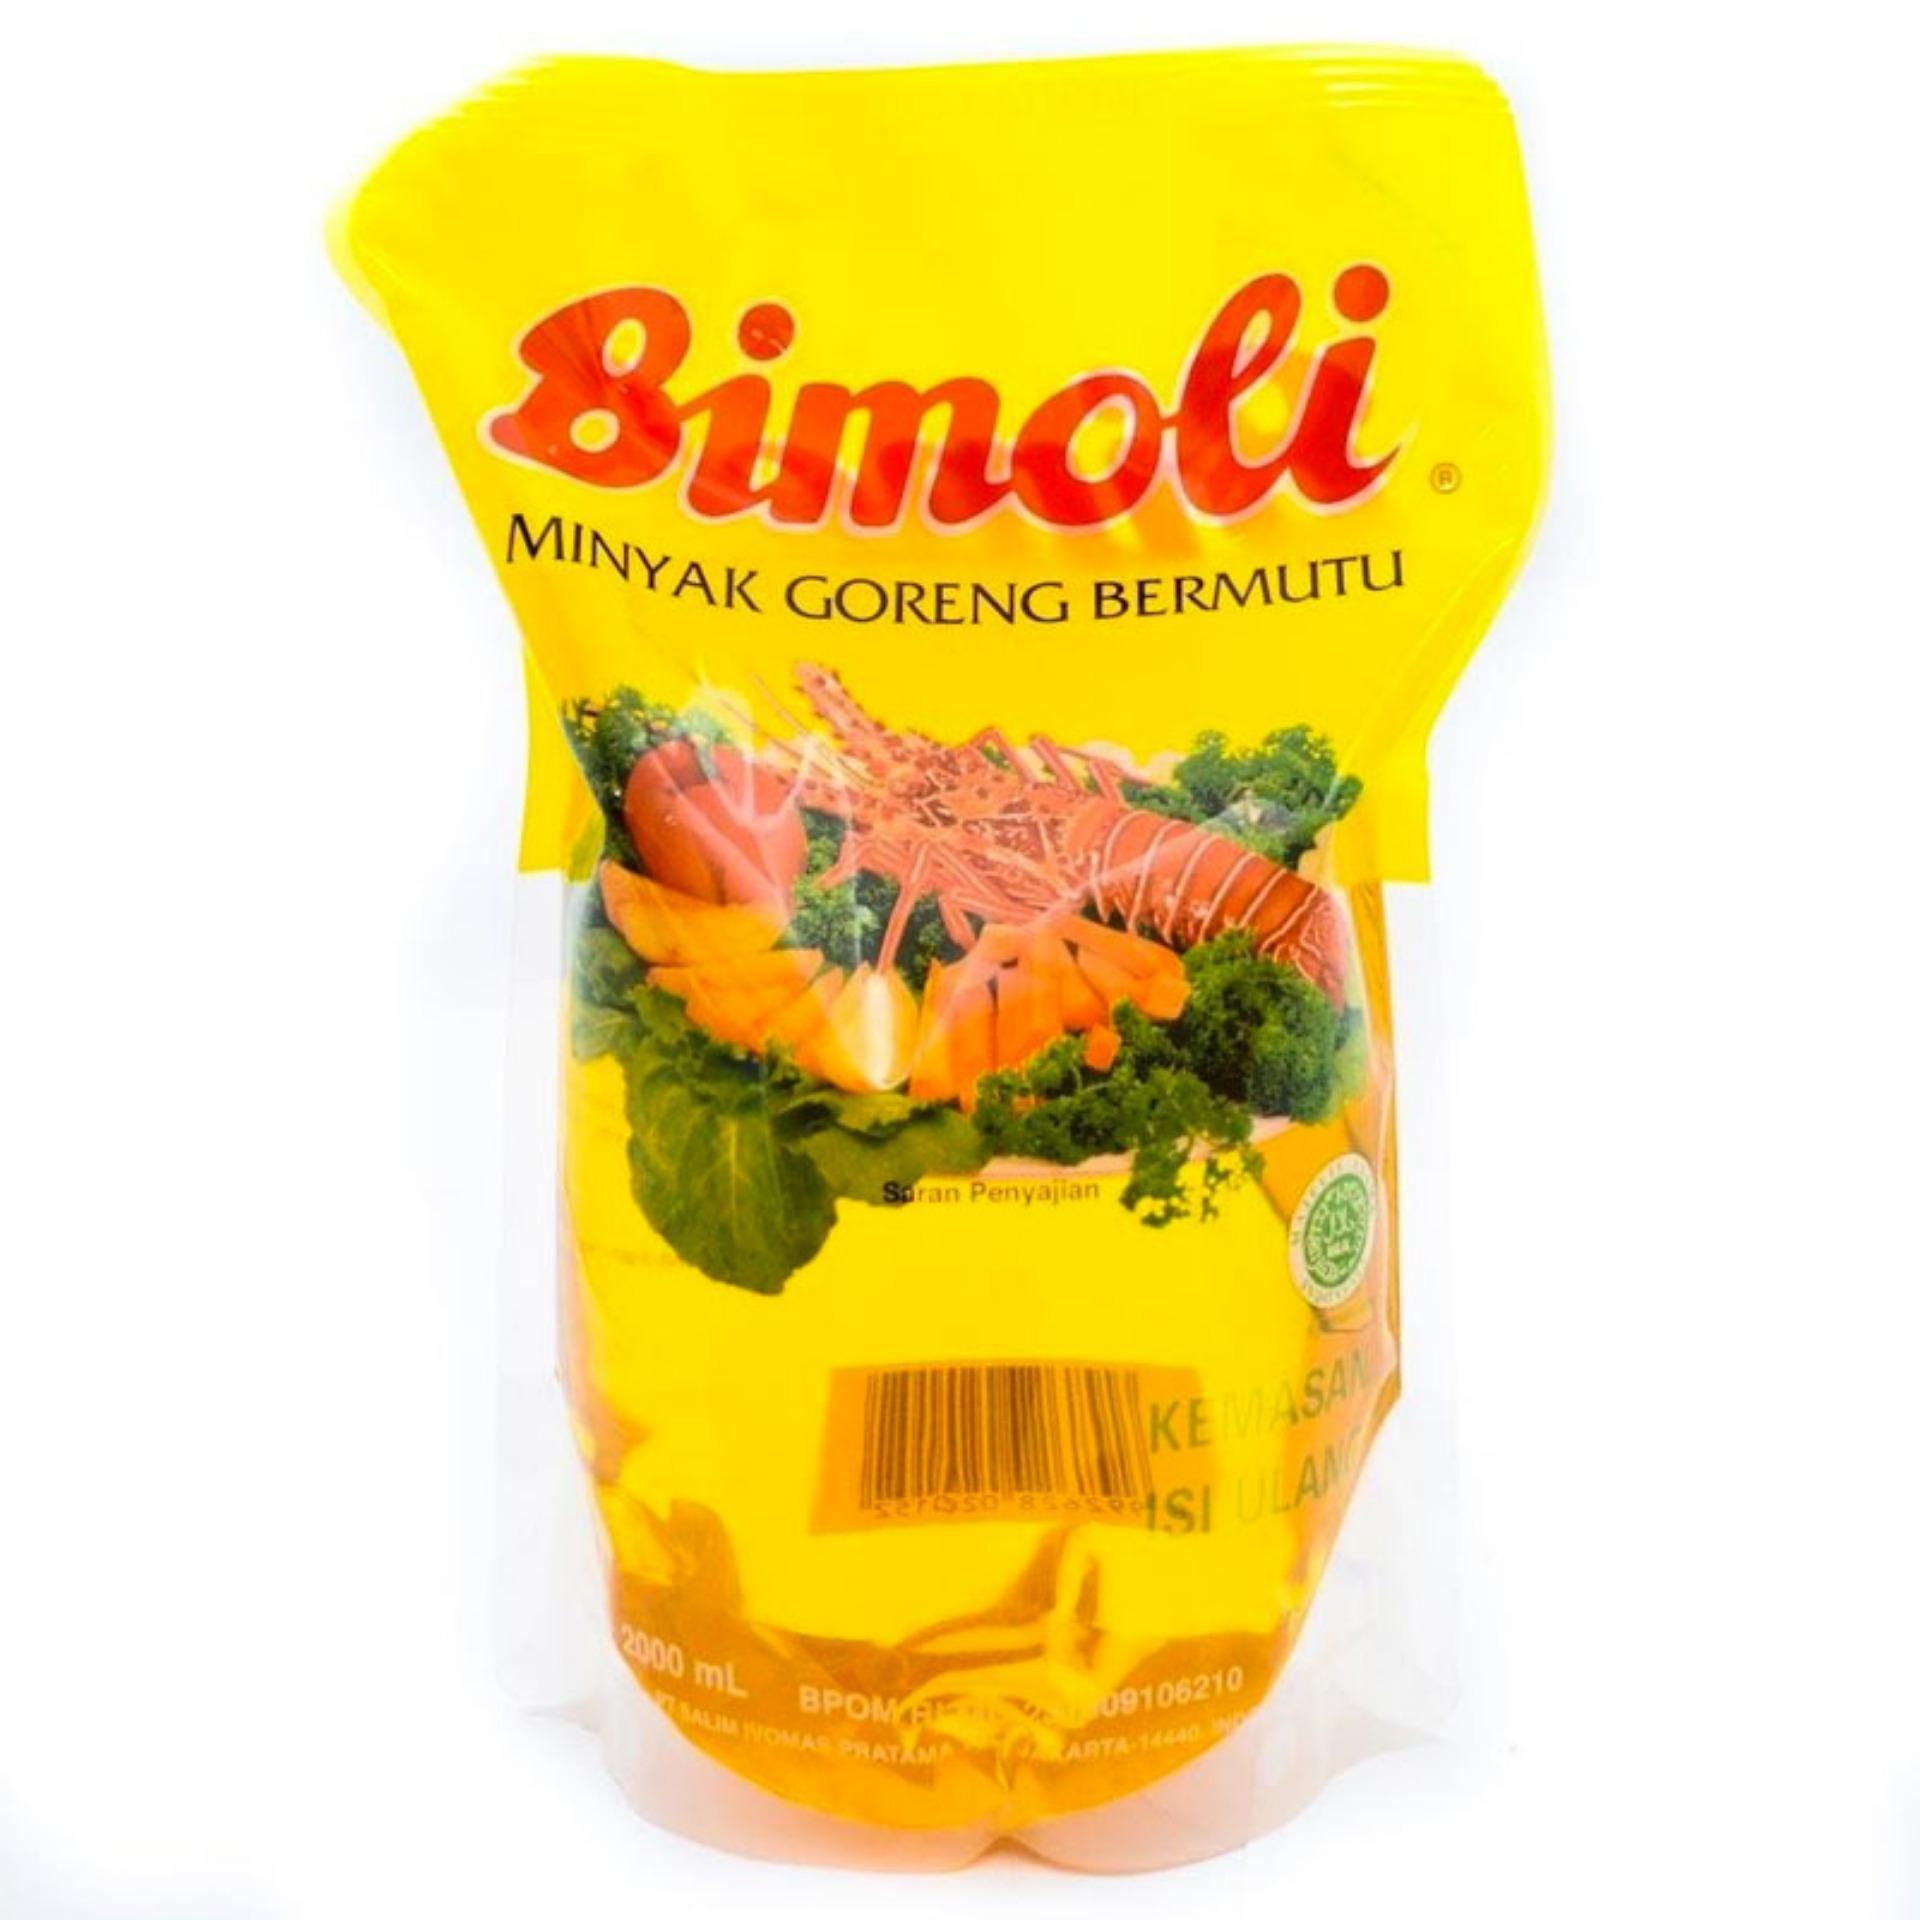 Bimoli Minyak Goreng Pouch 2L